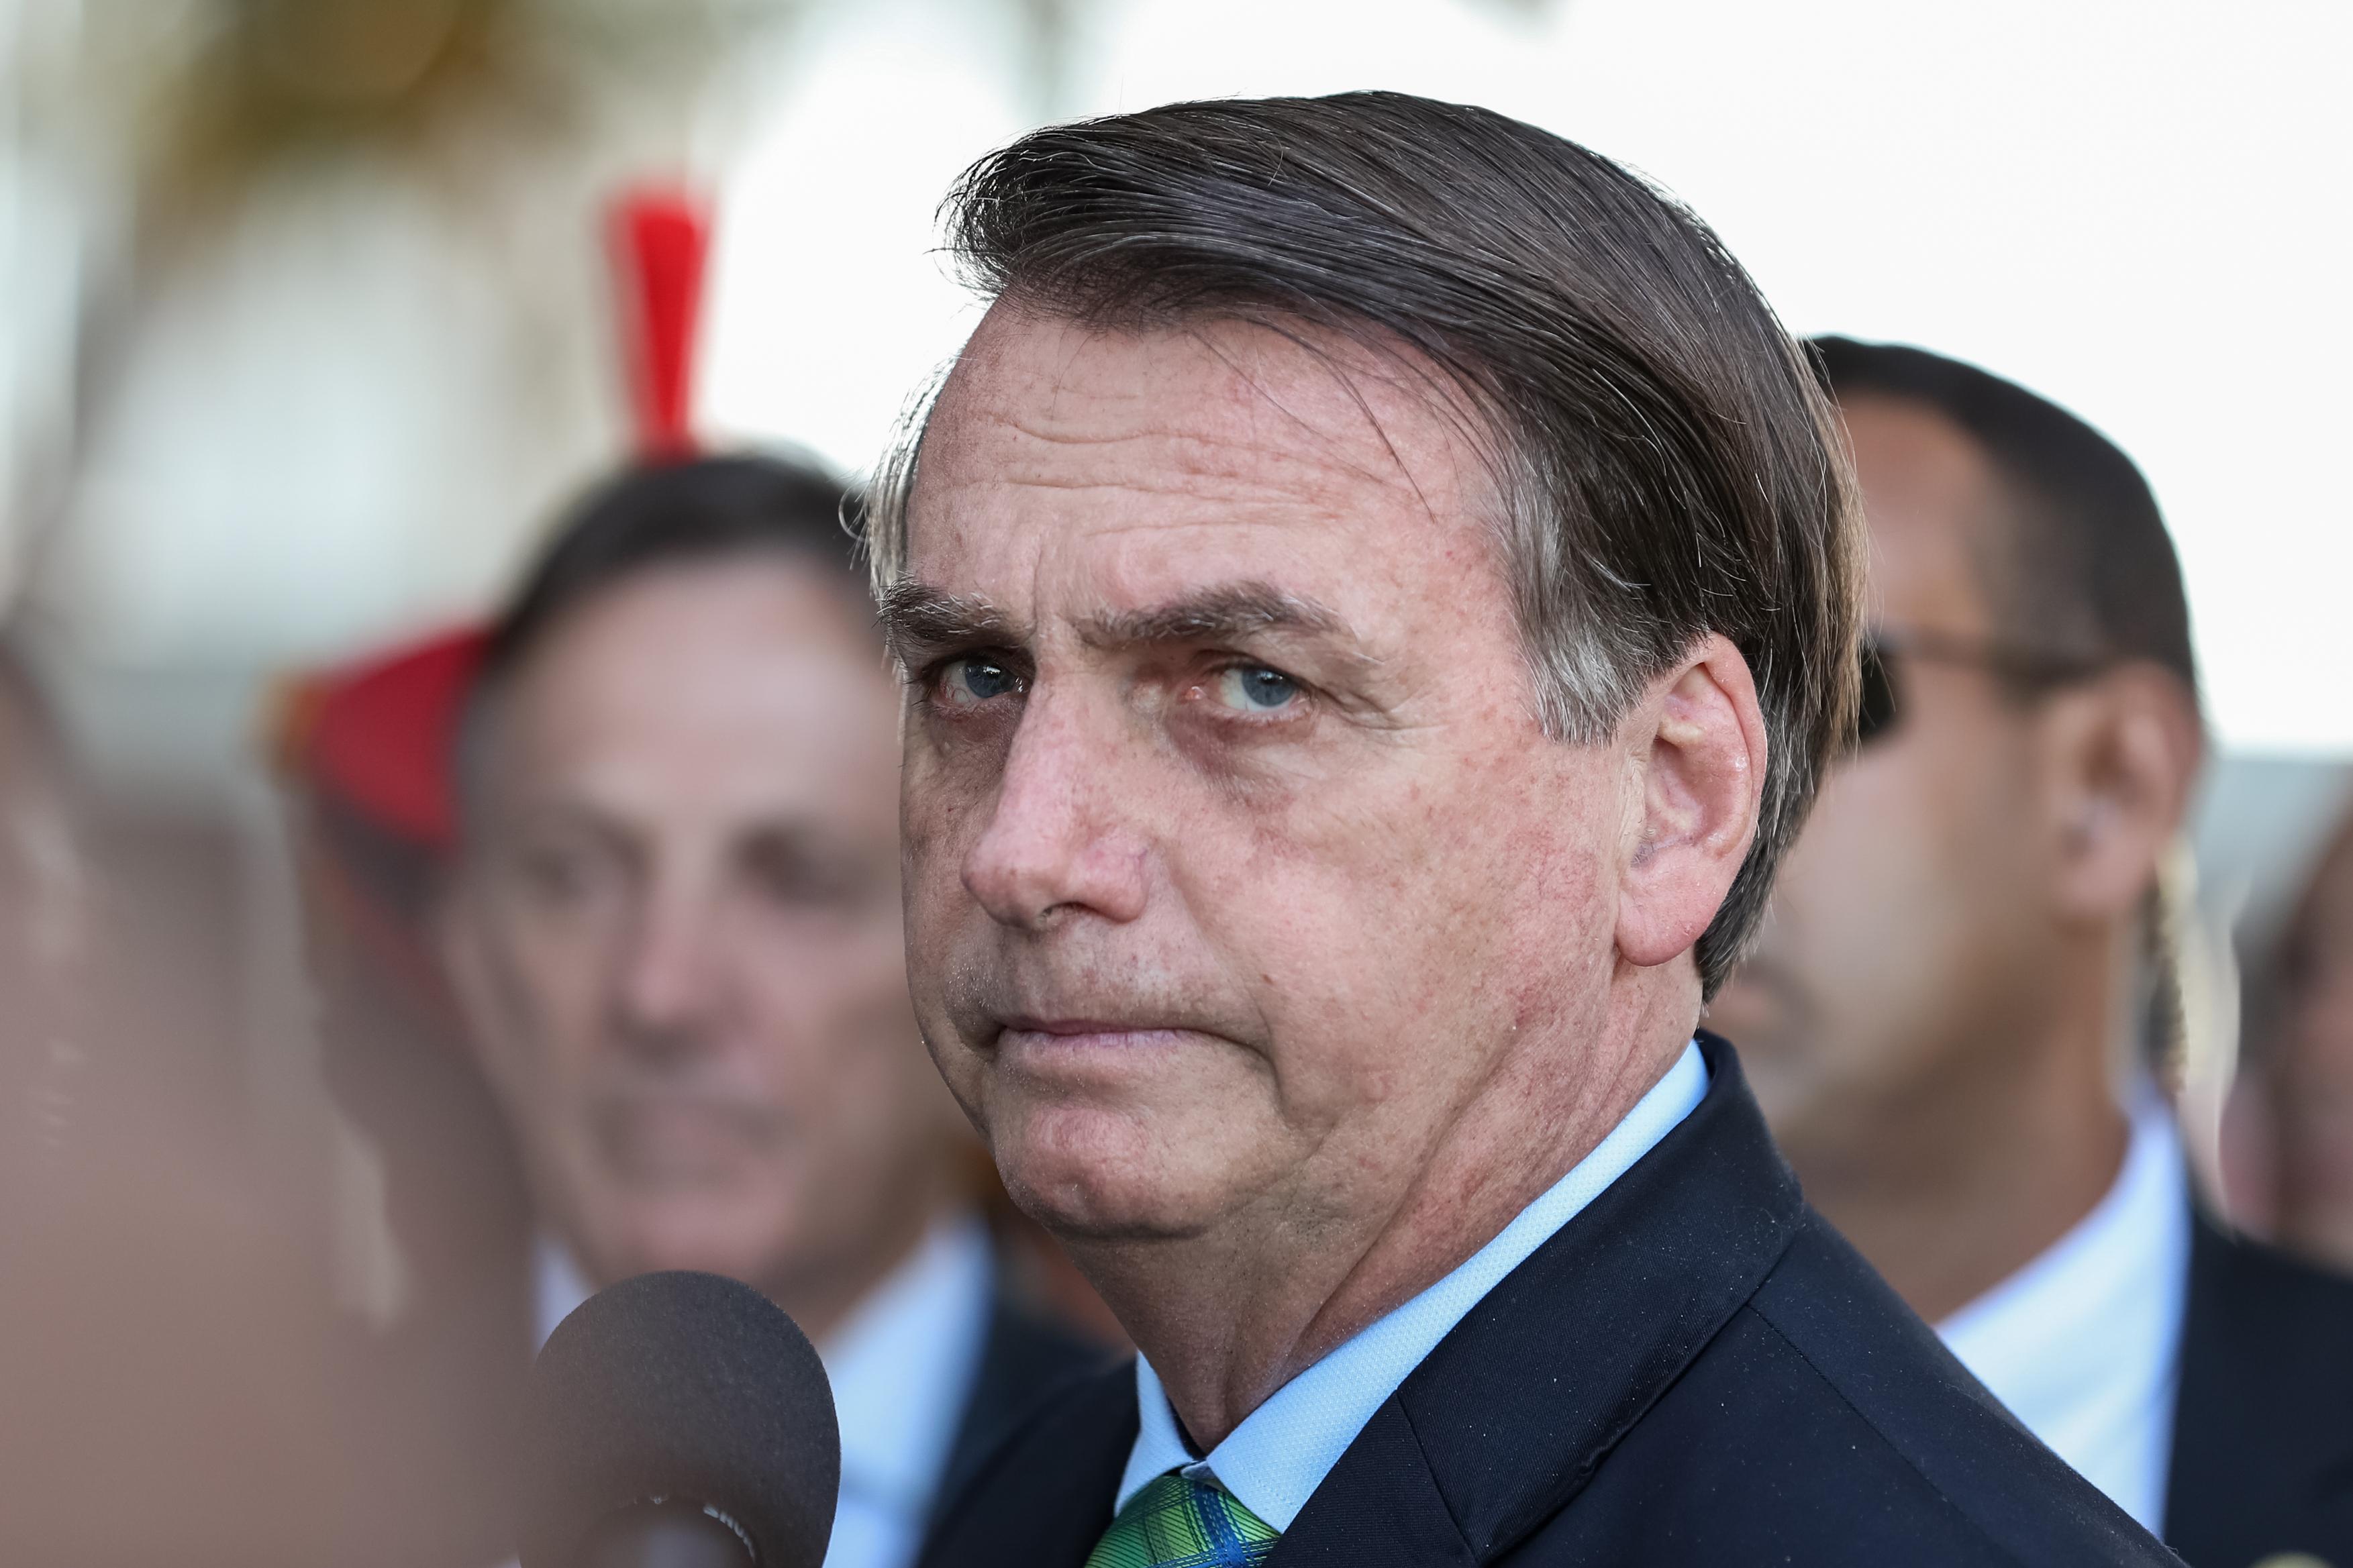 IMAGEM: Com vetos de Bolsonaro, lei sobre agências reguladoras é publicada no Diário Oficial